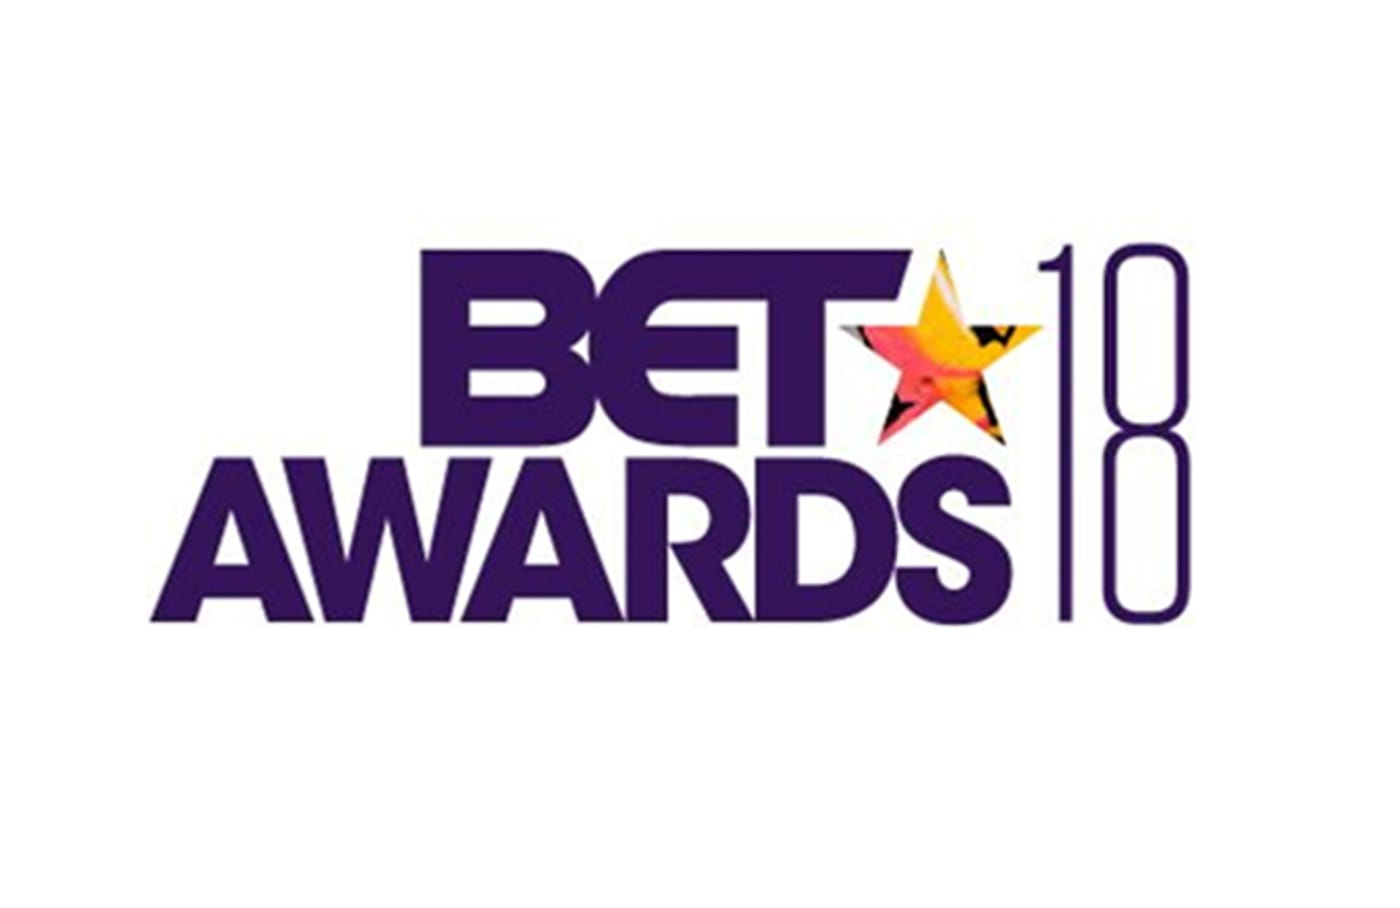 bet awards 2018 logo